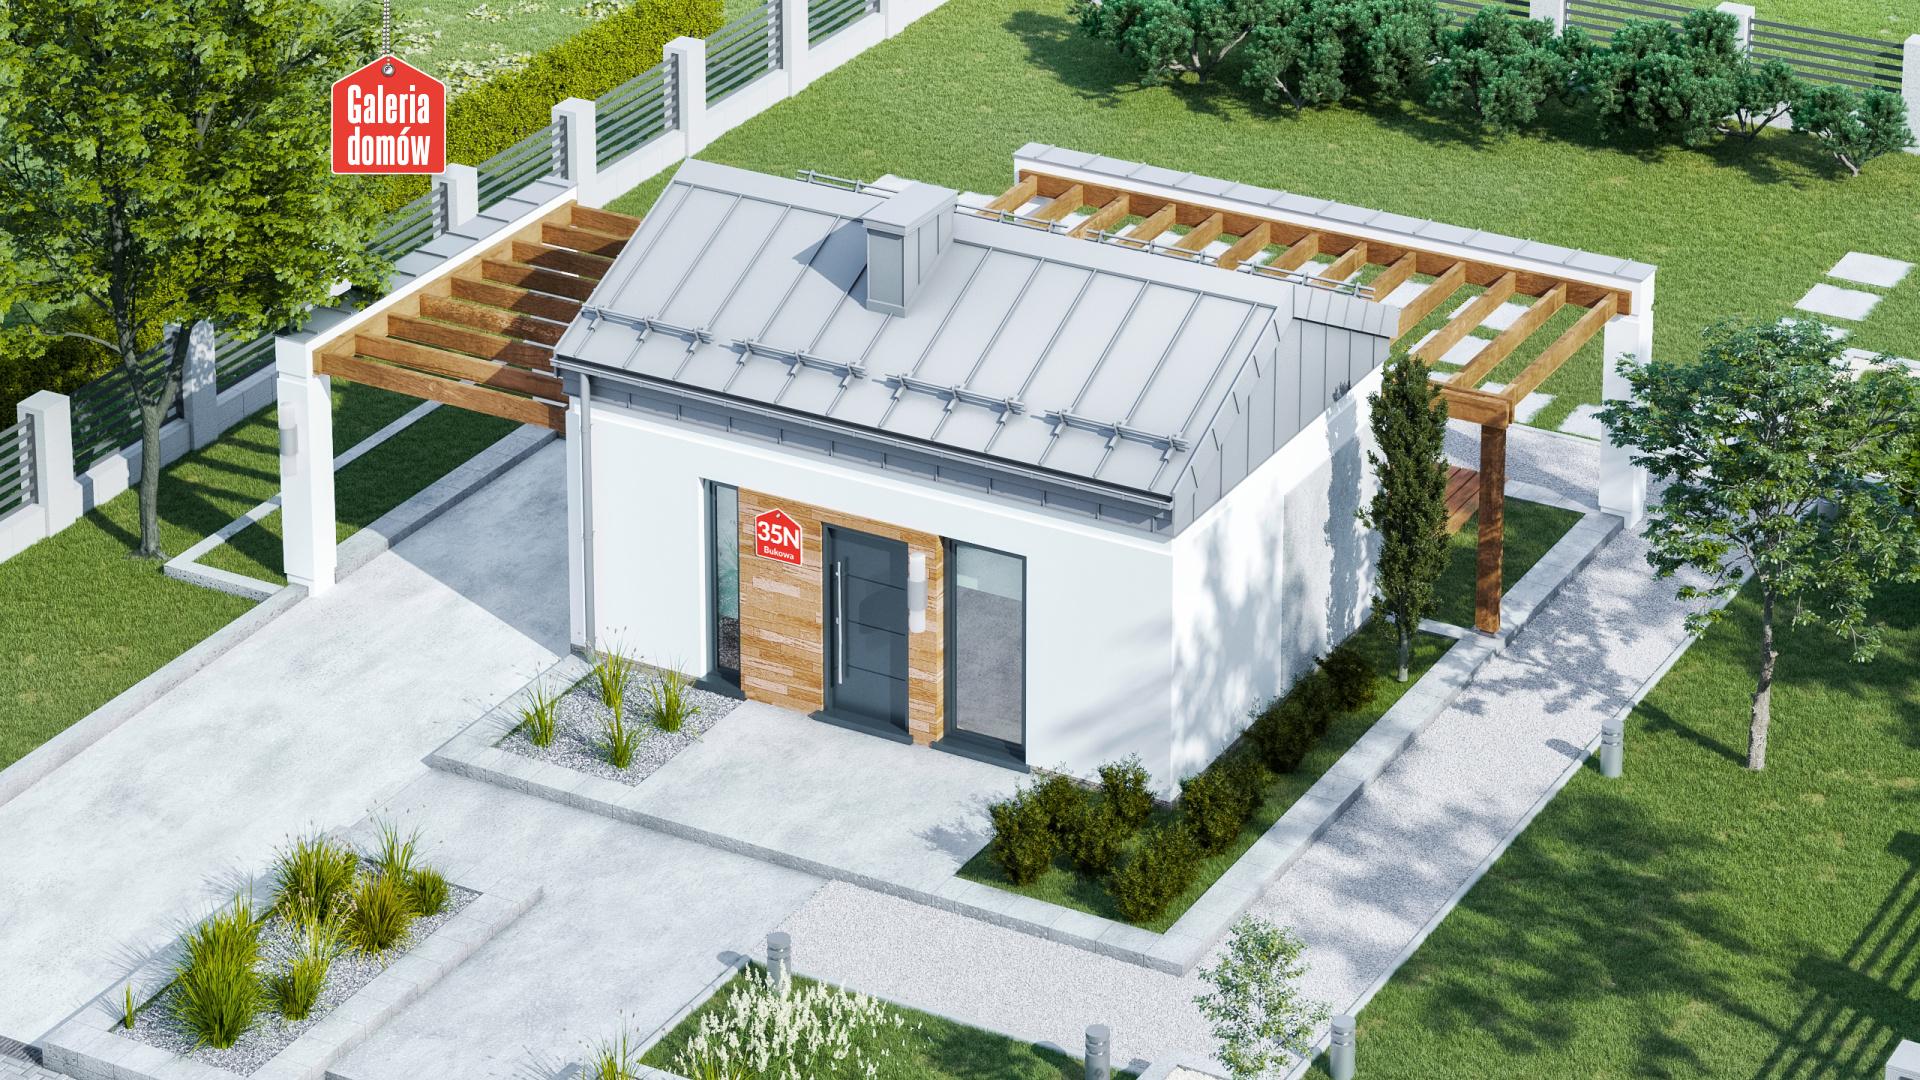 Zdjęcie projektu i wizualizacja: projekt domu Dom przy Bukowej 35 N